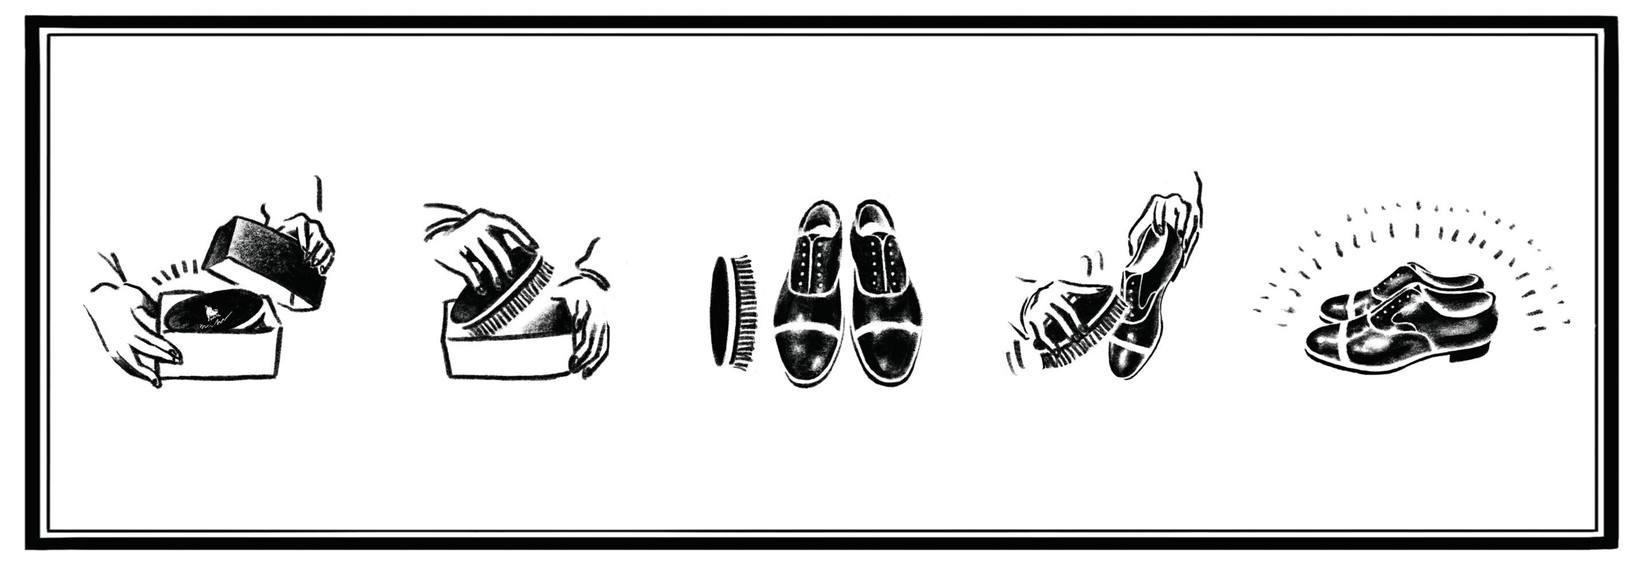 遊び心が感じられる山羊毛のブラシの取扱い説明書。ブラシによってイラストも変わる。取説に描かれている靴はあの有名ブランドの革靴。キャップ部分をぼかすことで、見る人が見たらわかるような形になっている。